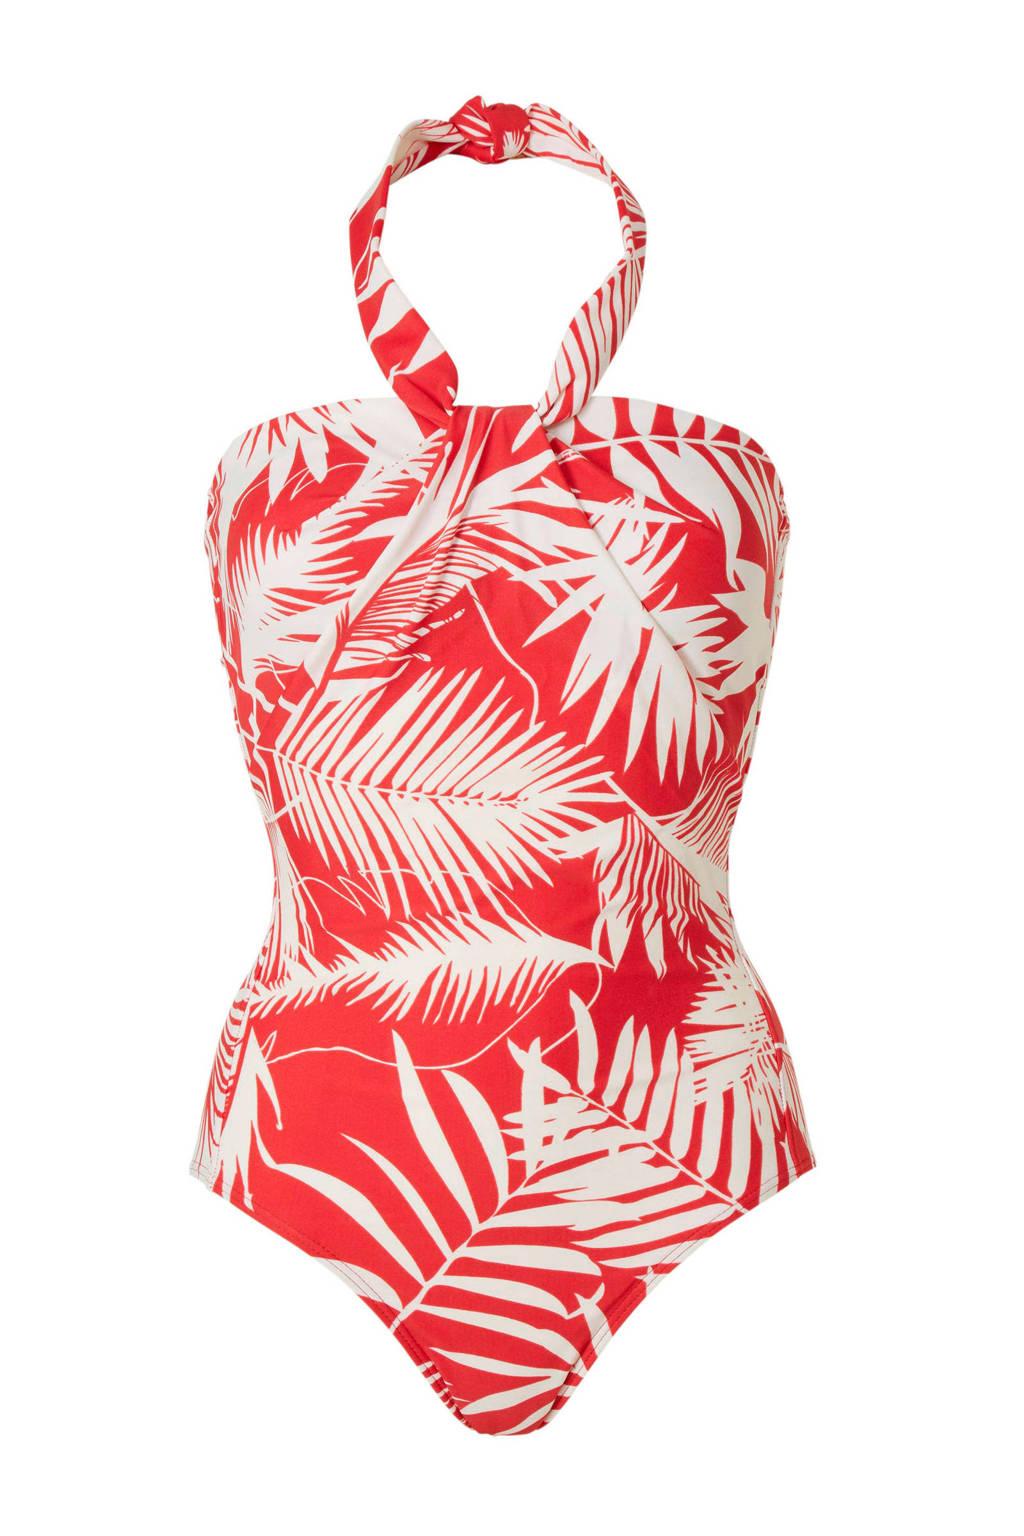 whkmp's beachwave corrigerende badpak met all over print rood, Rood/wit